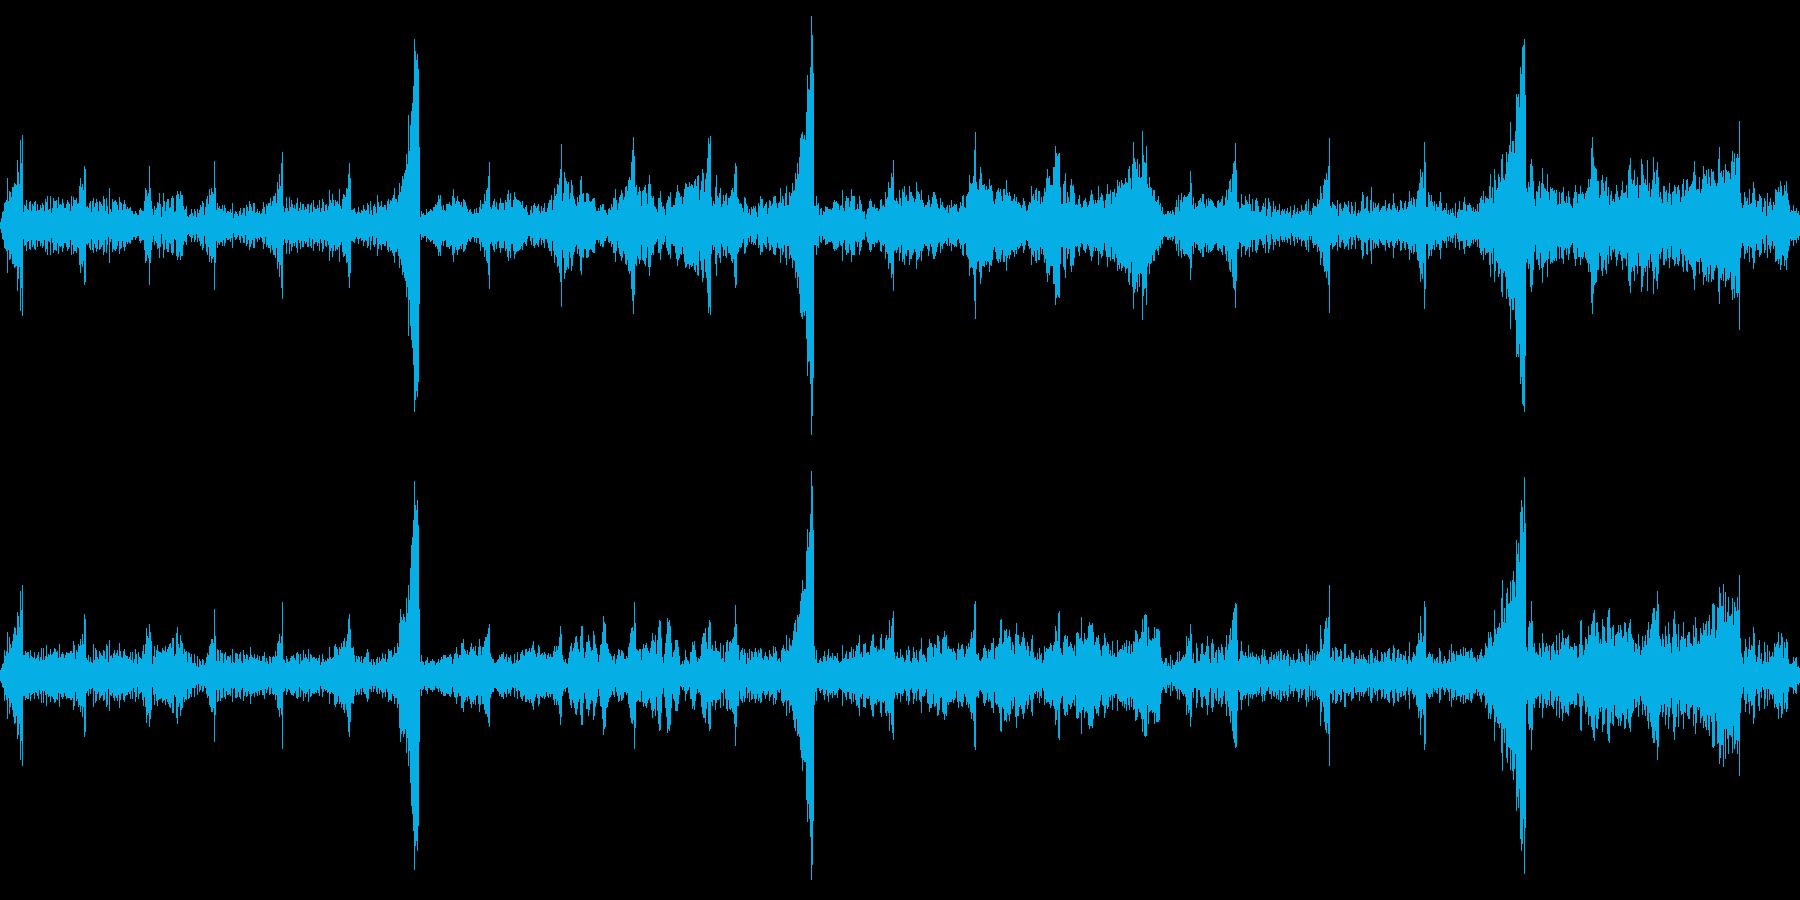 レコードの巻き戻し(バックスピン)の再生済みの波形